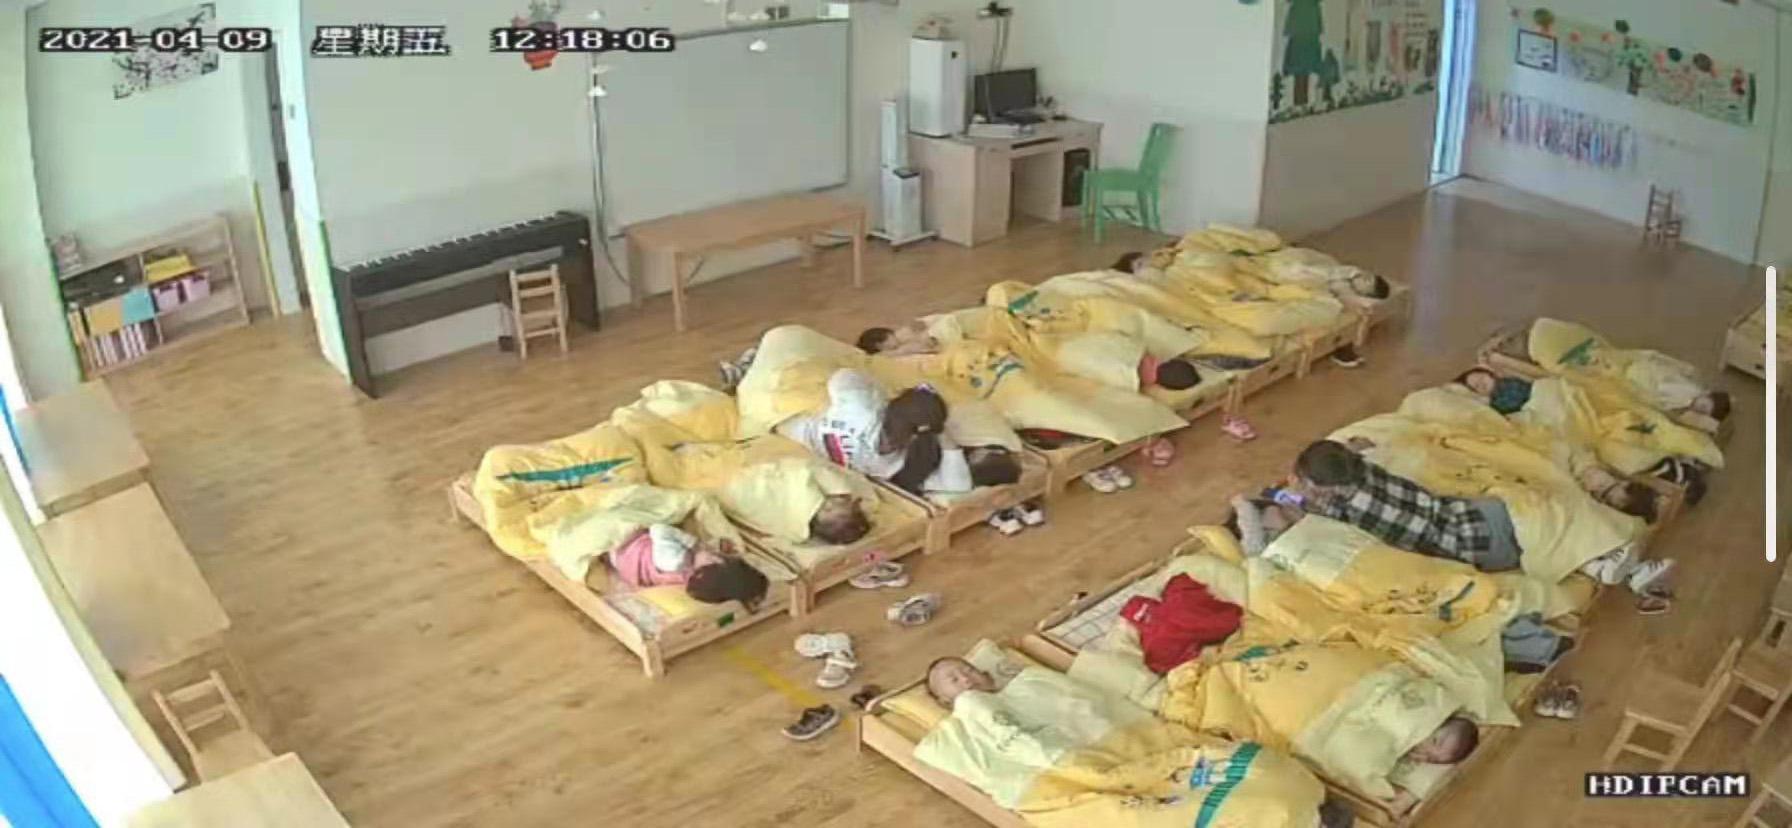 羅歡在監控里看到幾個老師躺在孩子的床上 本文圖片均為受訪者供圖